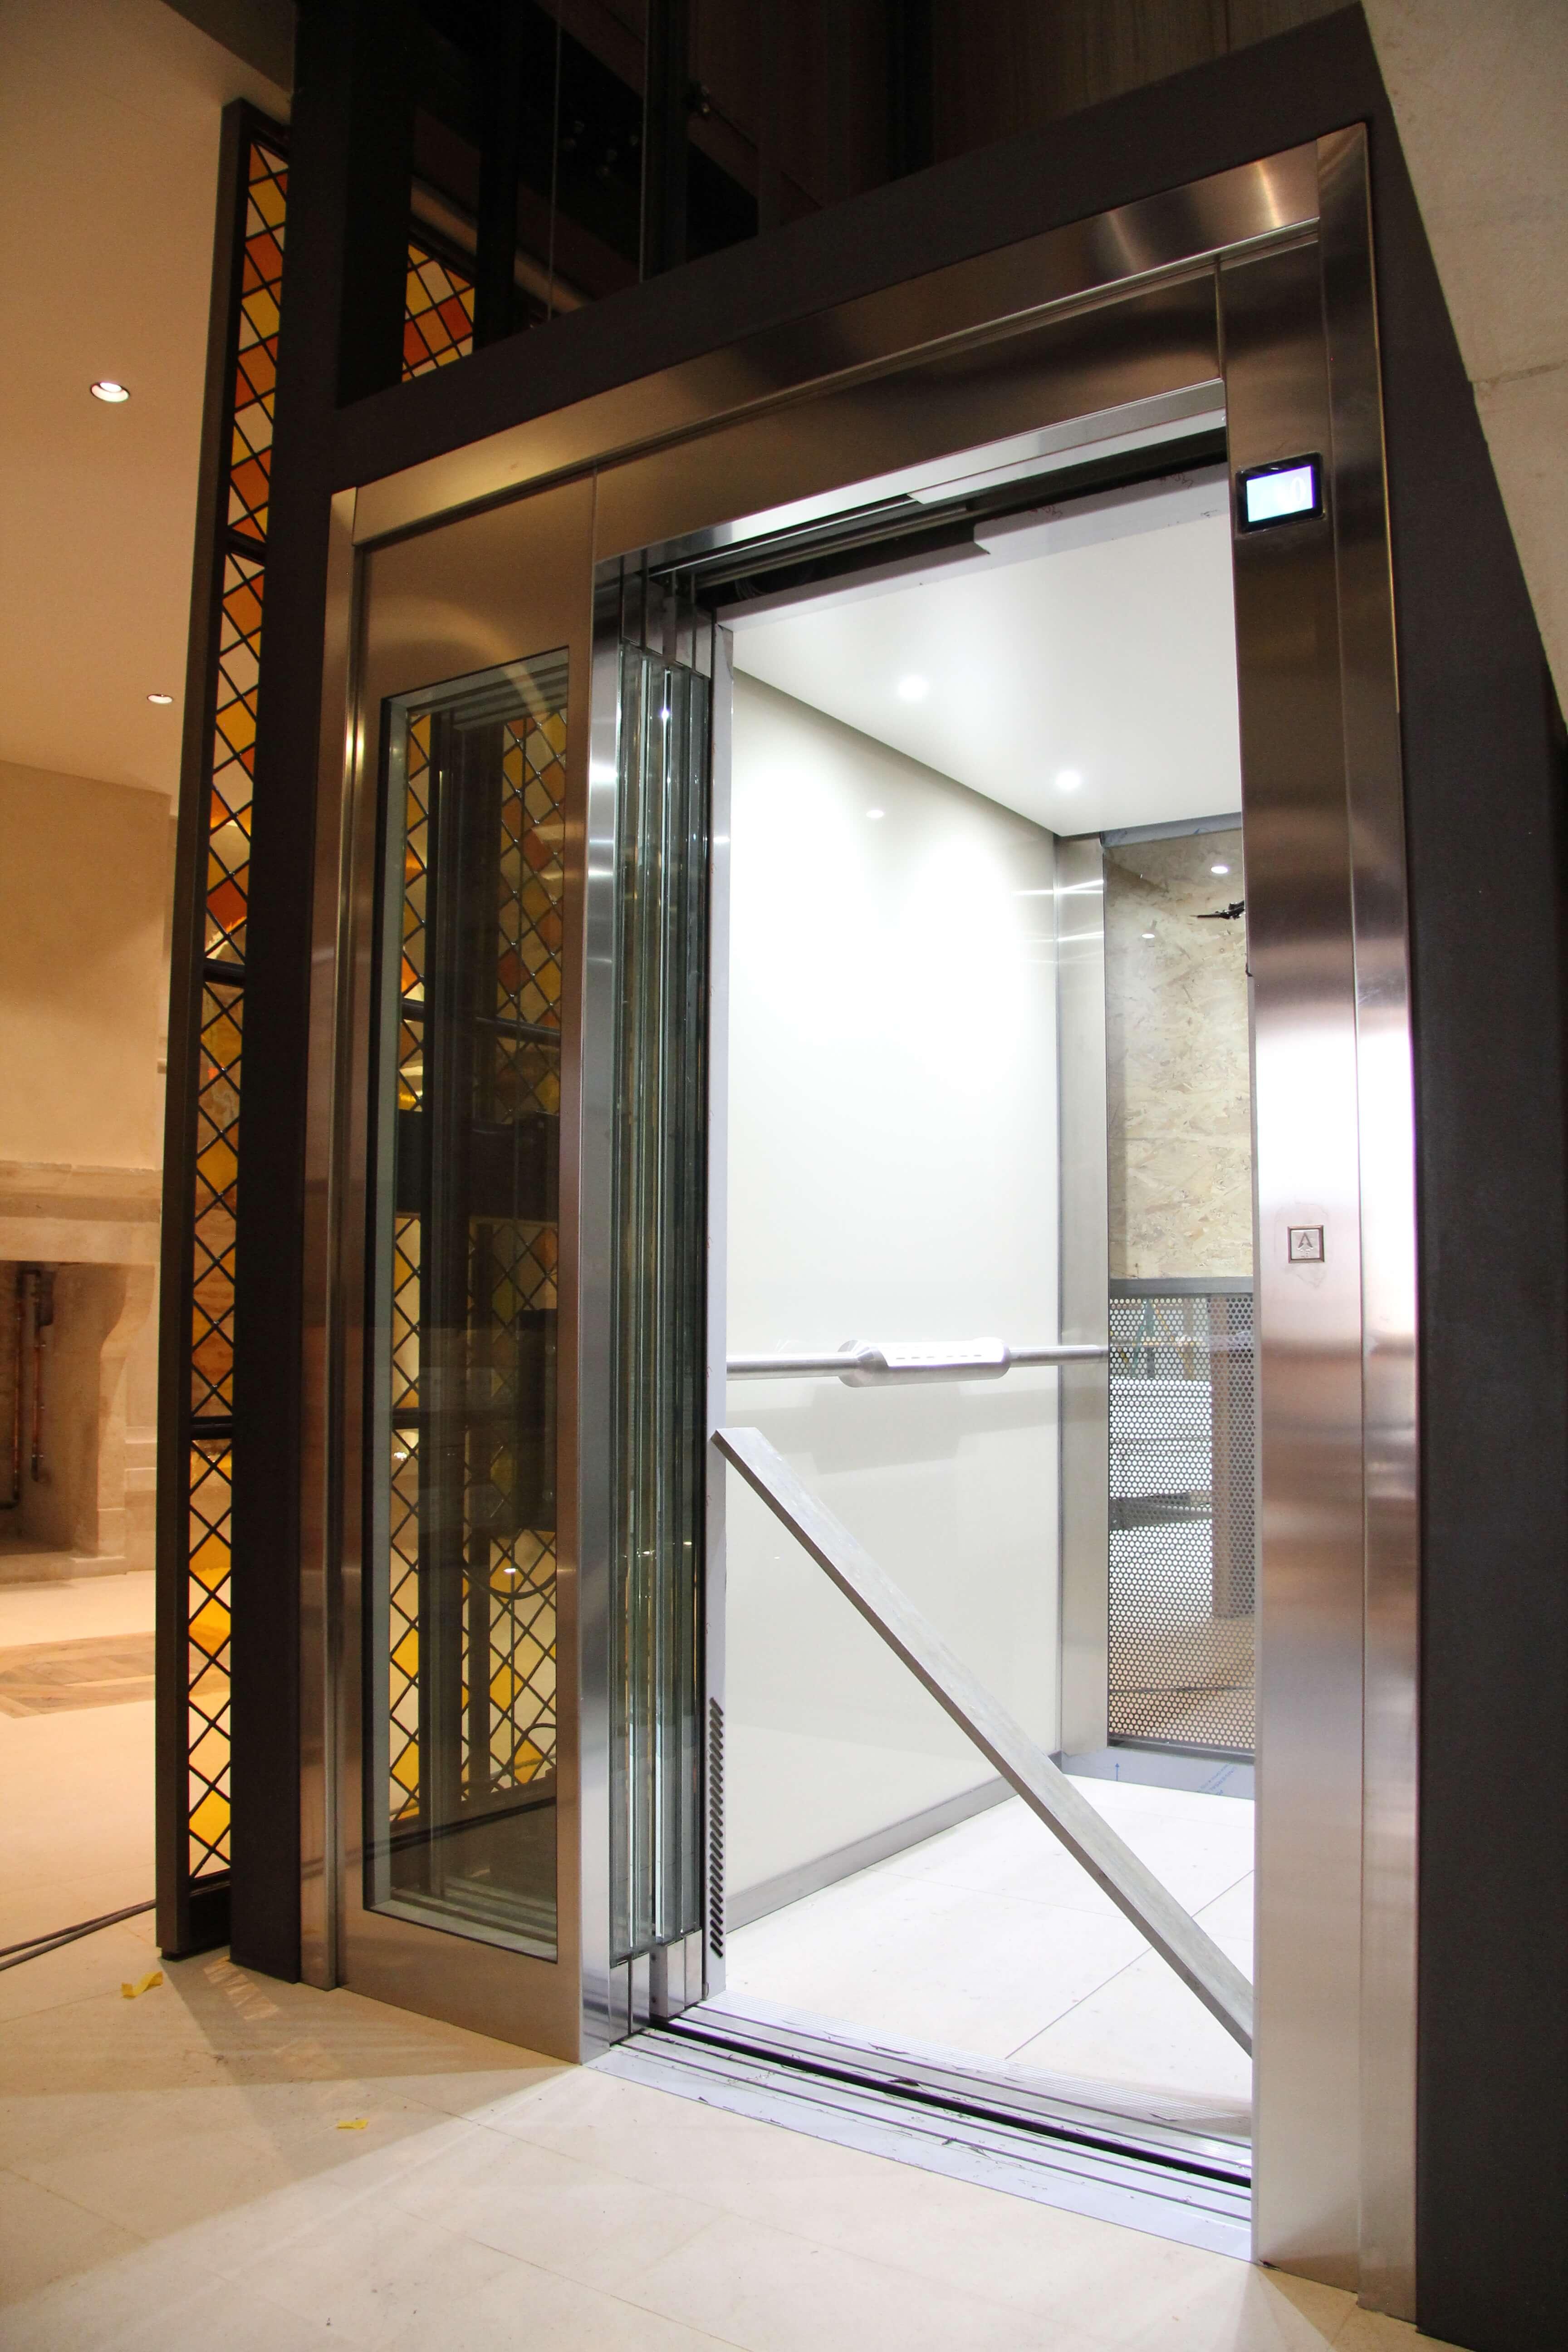 Installation ascenseur privatif dijon - EM Ascenseurs spécialiste